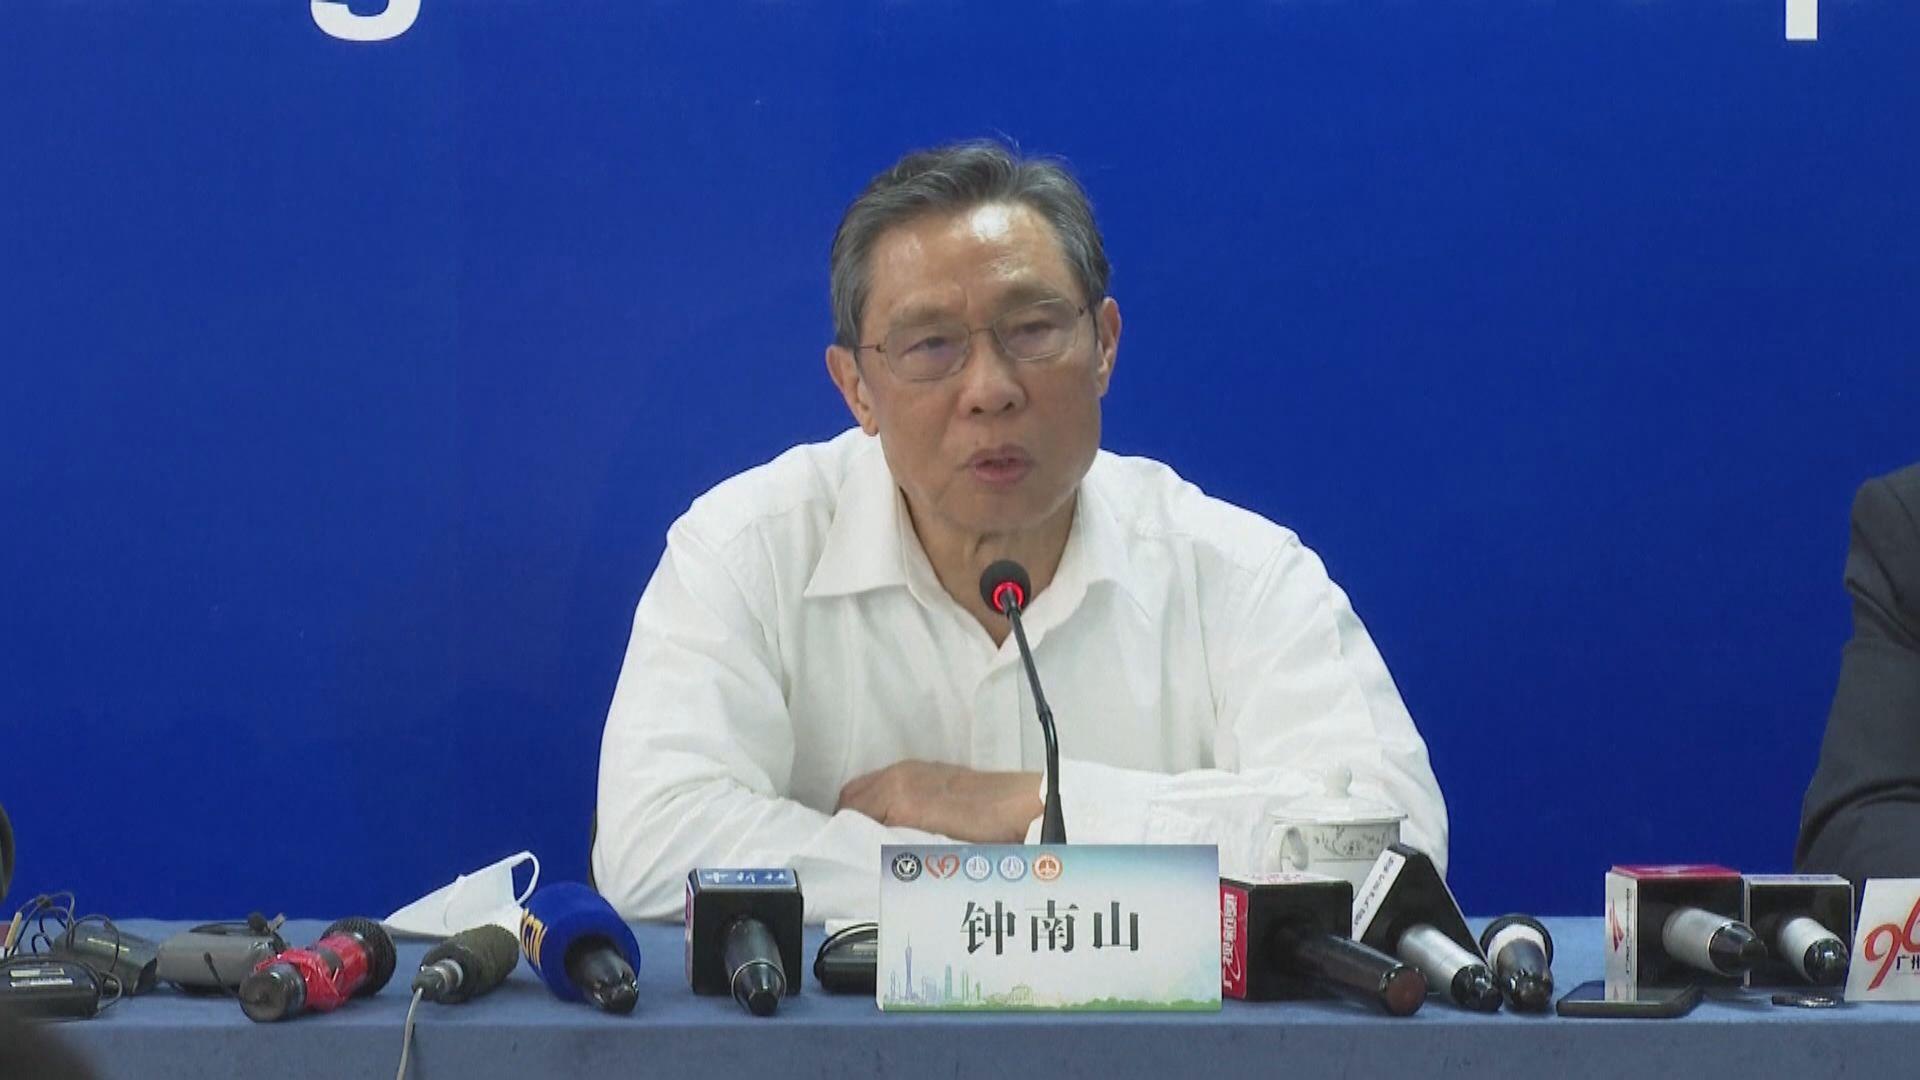 鍾南山團隊預測內地疫情將於四月底基本結束